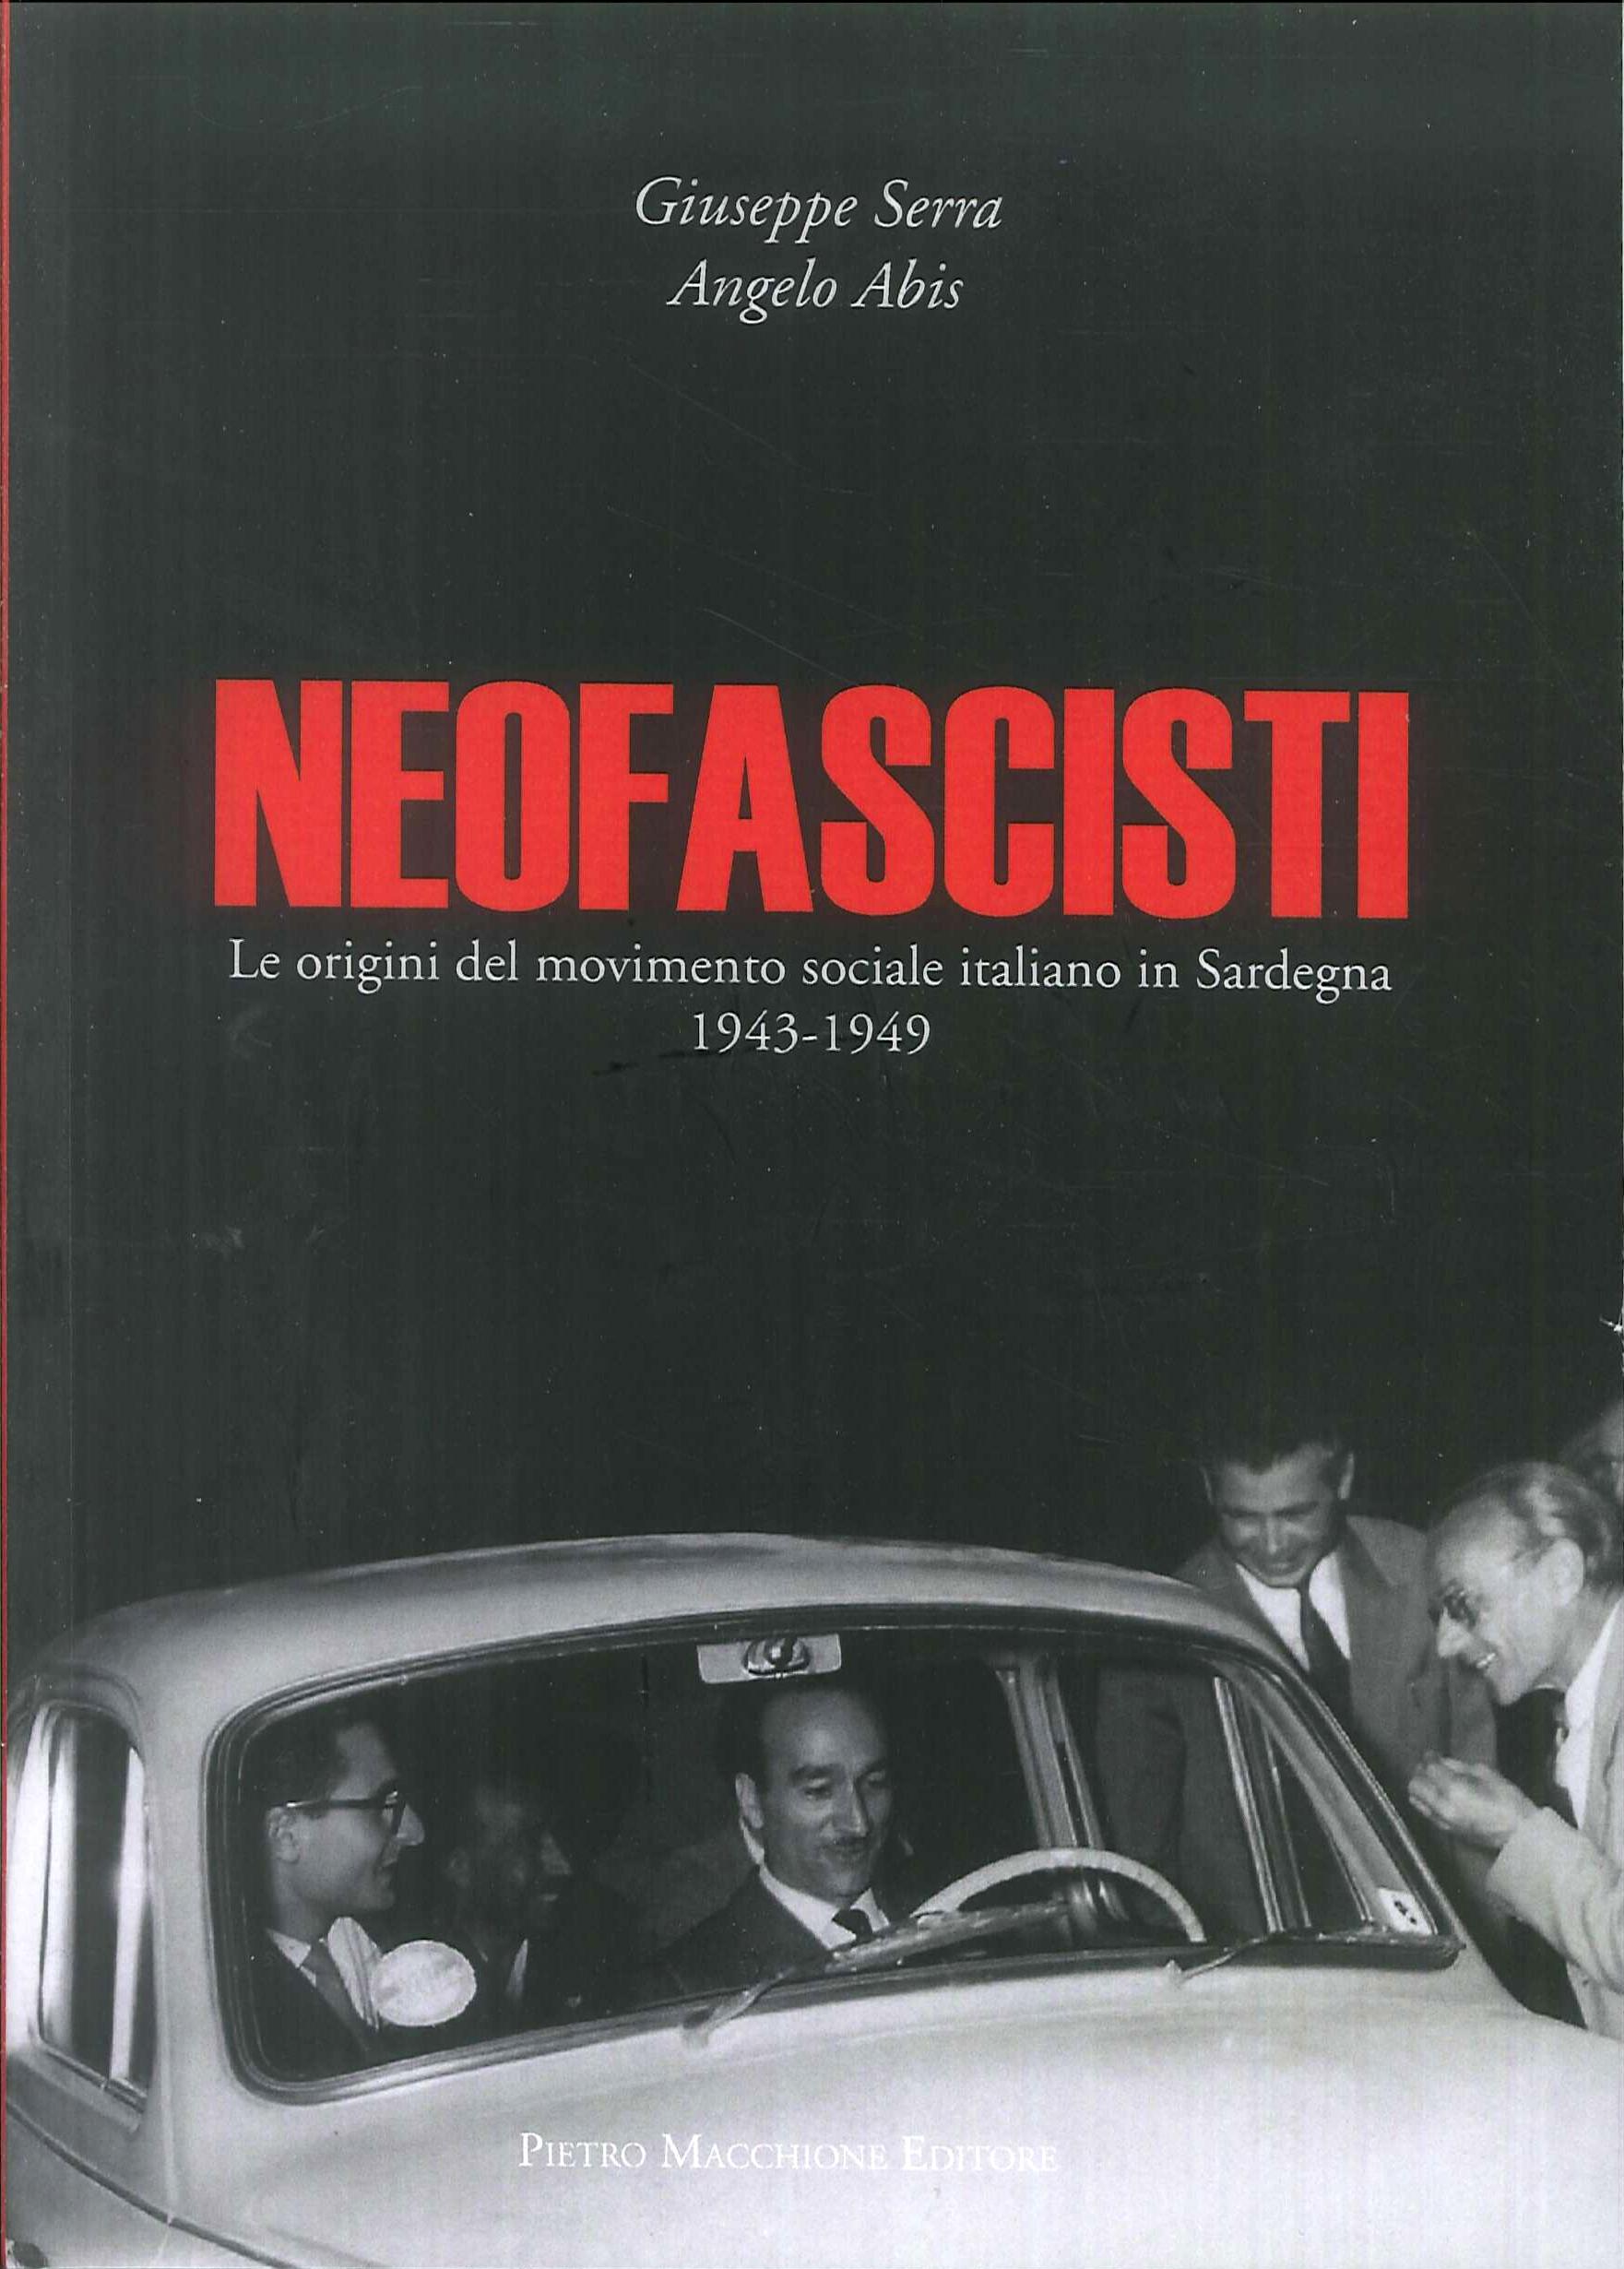 Neofascisti. Le origini del movimento sociale italiano in Sardegna (1943-1949).